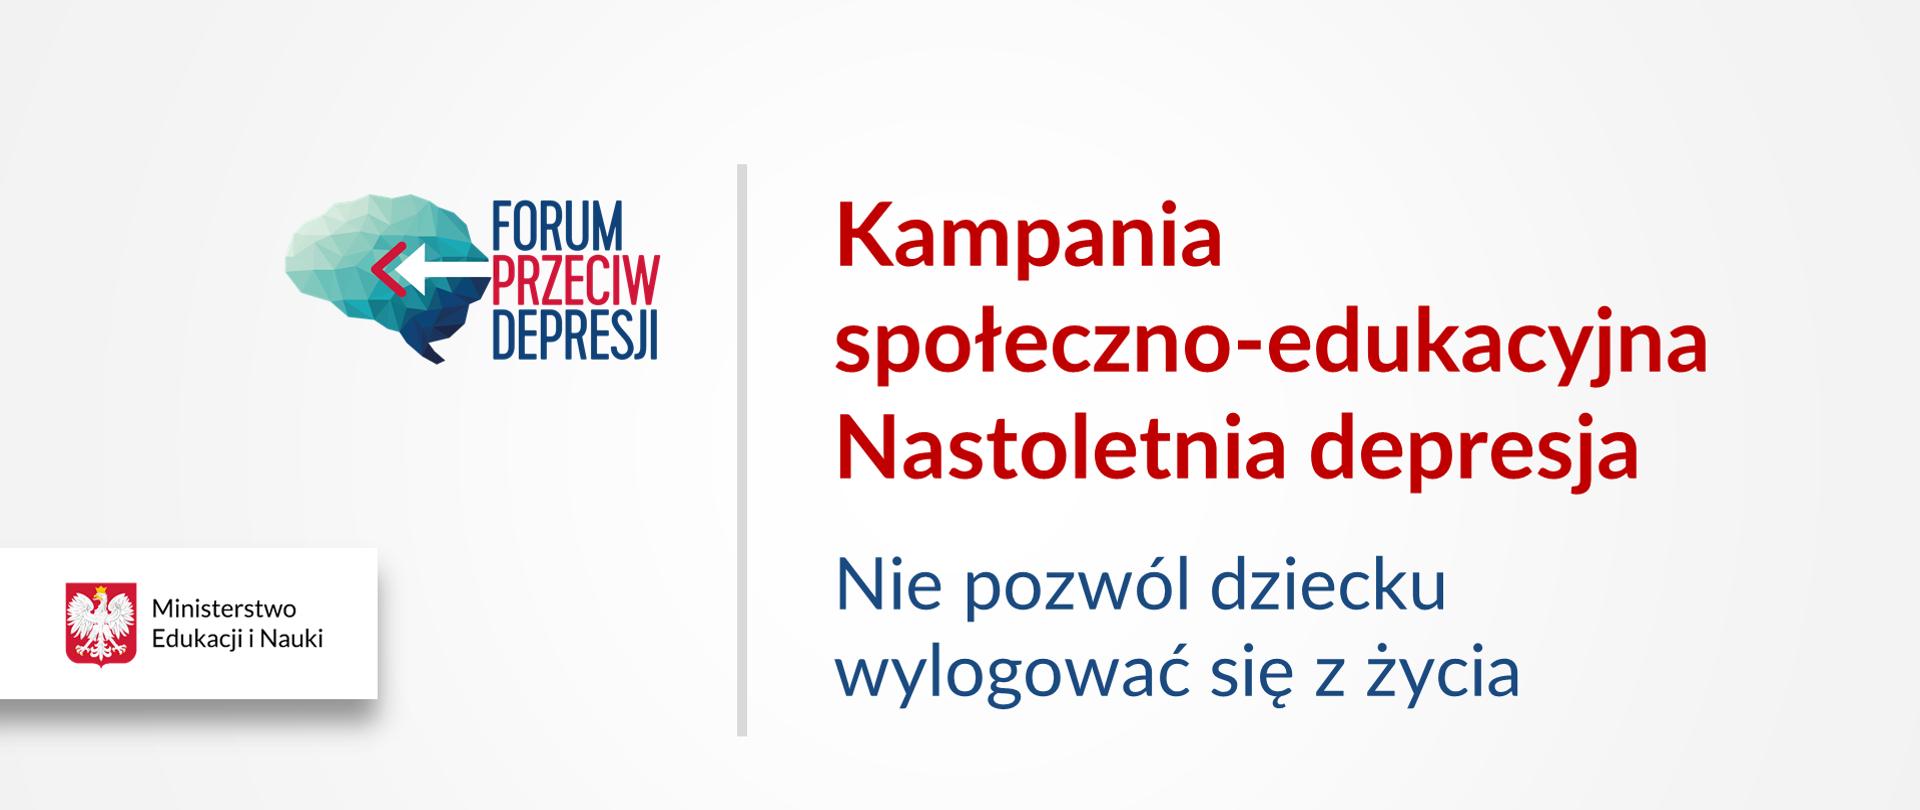 """Forum przeciw depresji: Kampania społeczno-edukacyjna """"Nastoletnia depresja"""" – """"Nie pozwól dziecku wylogować się z życia"""""""